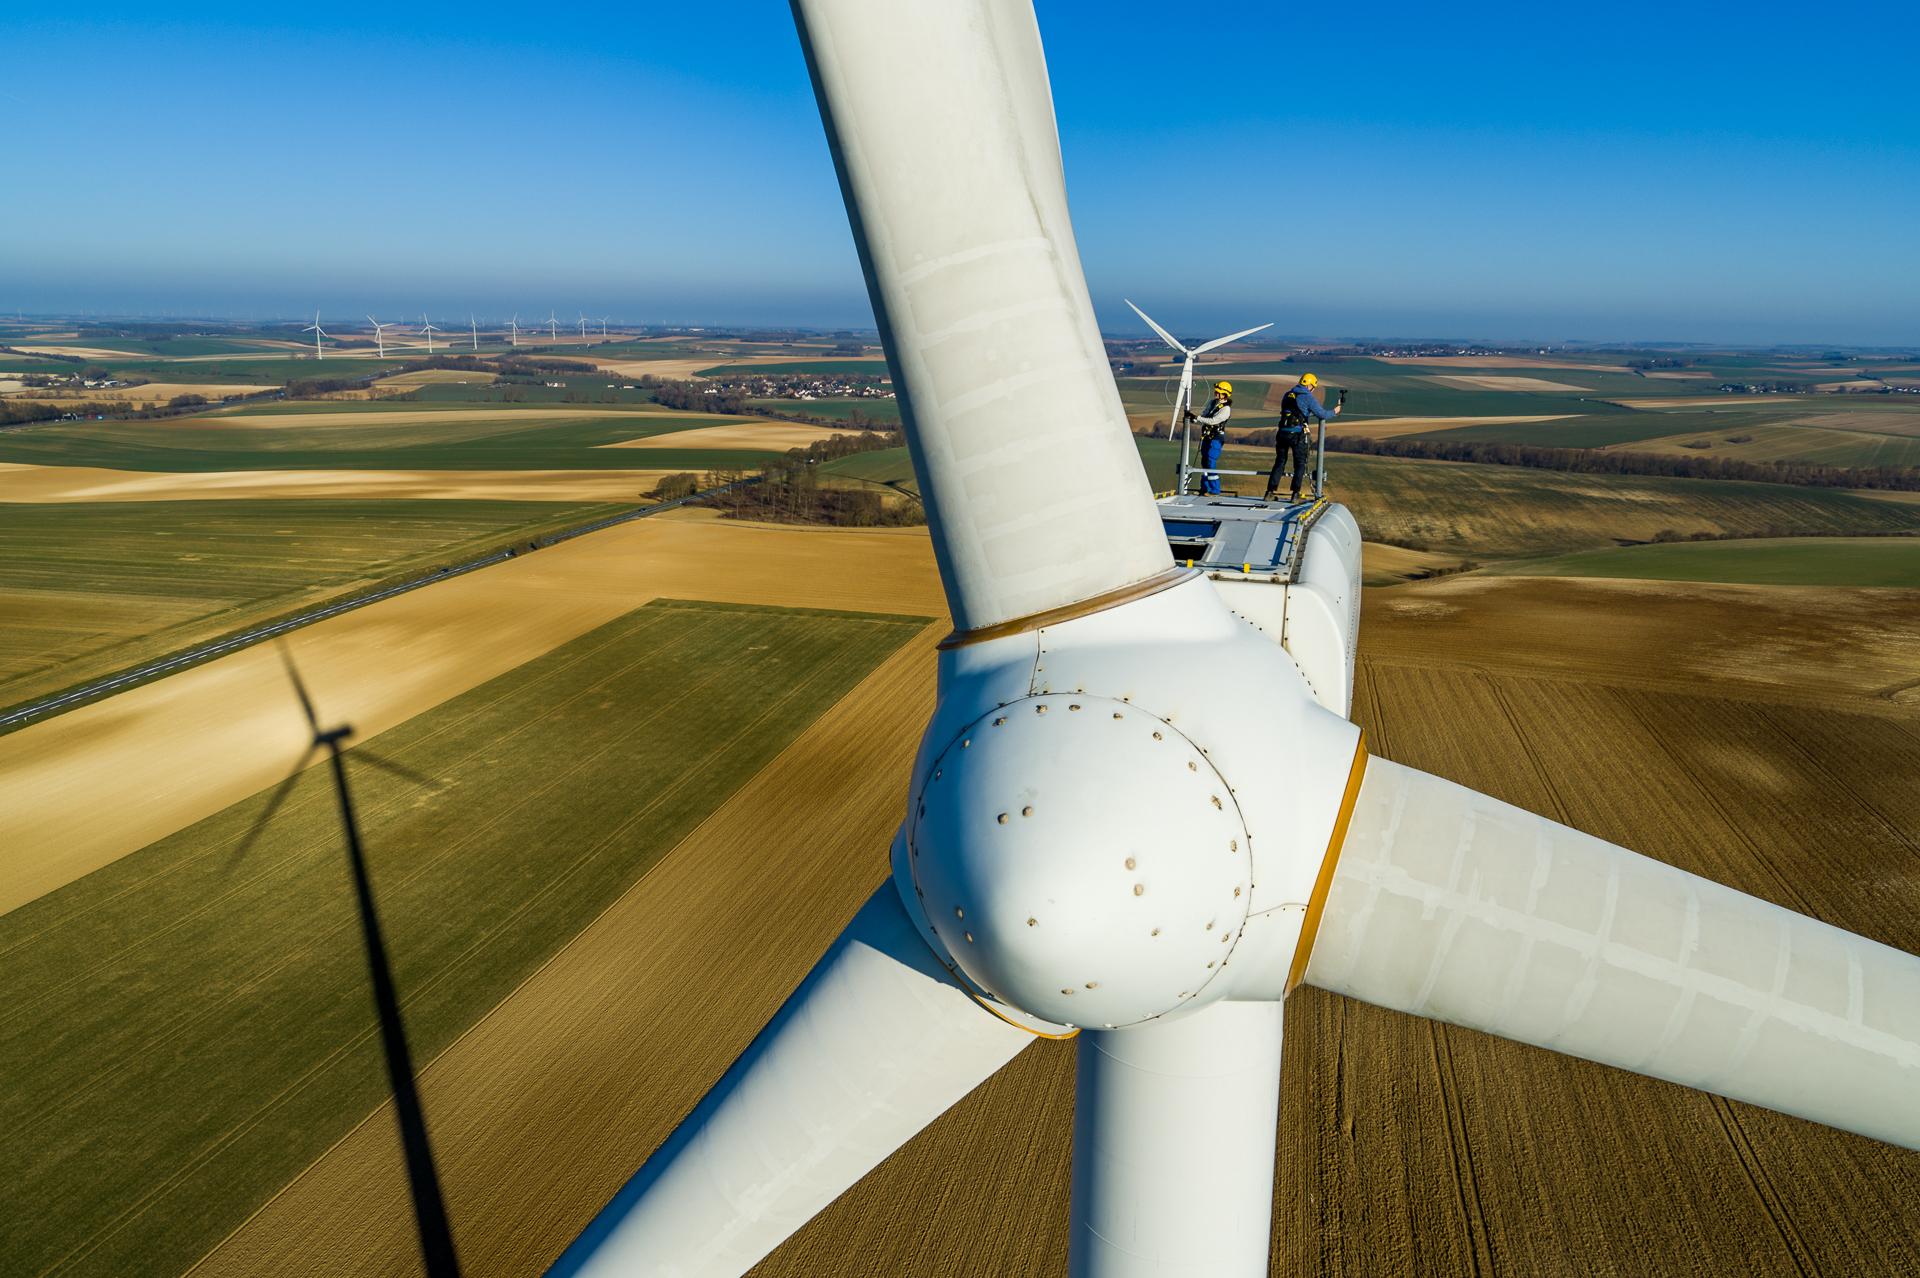 Kallista_Energy_Picardie_Omissy-0626©Stephane_Leroy.jpg